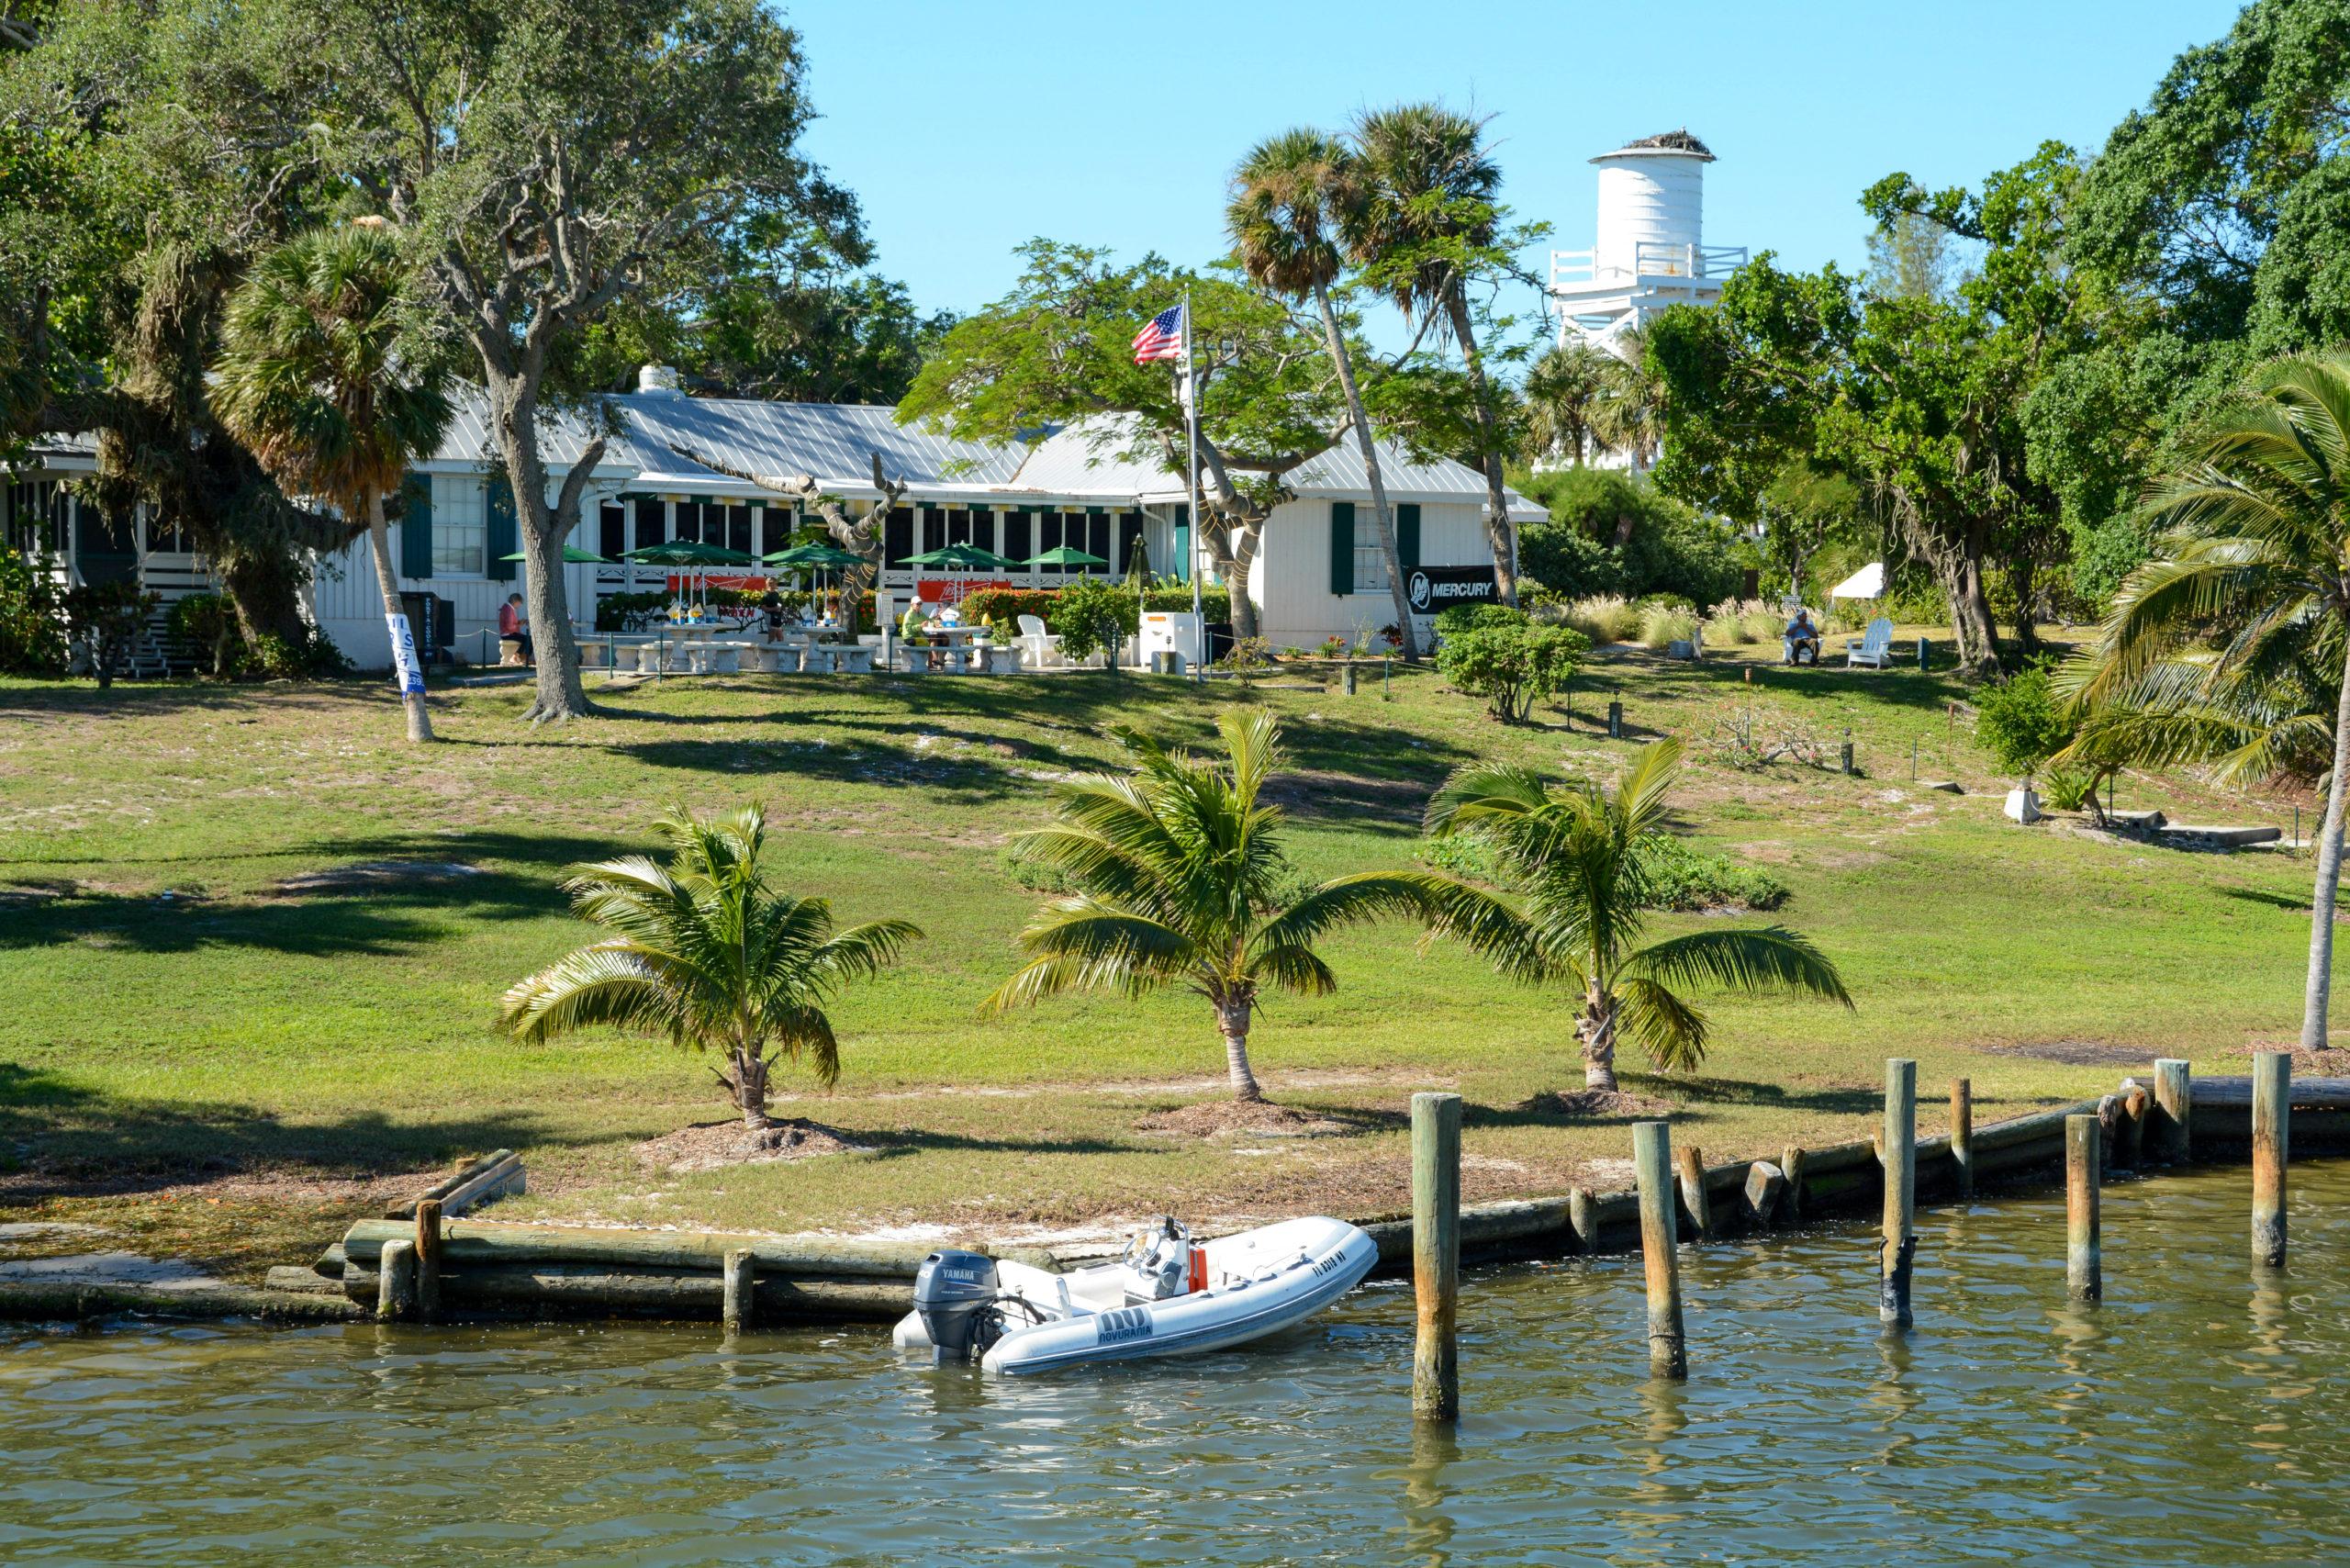 Blick auf die Insel in Florida auf der Ernest Hemingway und Jimmy Buffett gewesen sein sollen mit Turm, Restaurant und Bötchen